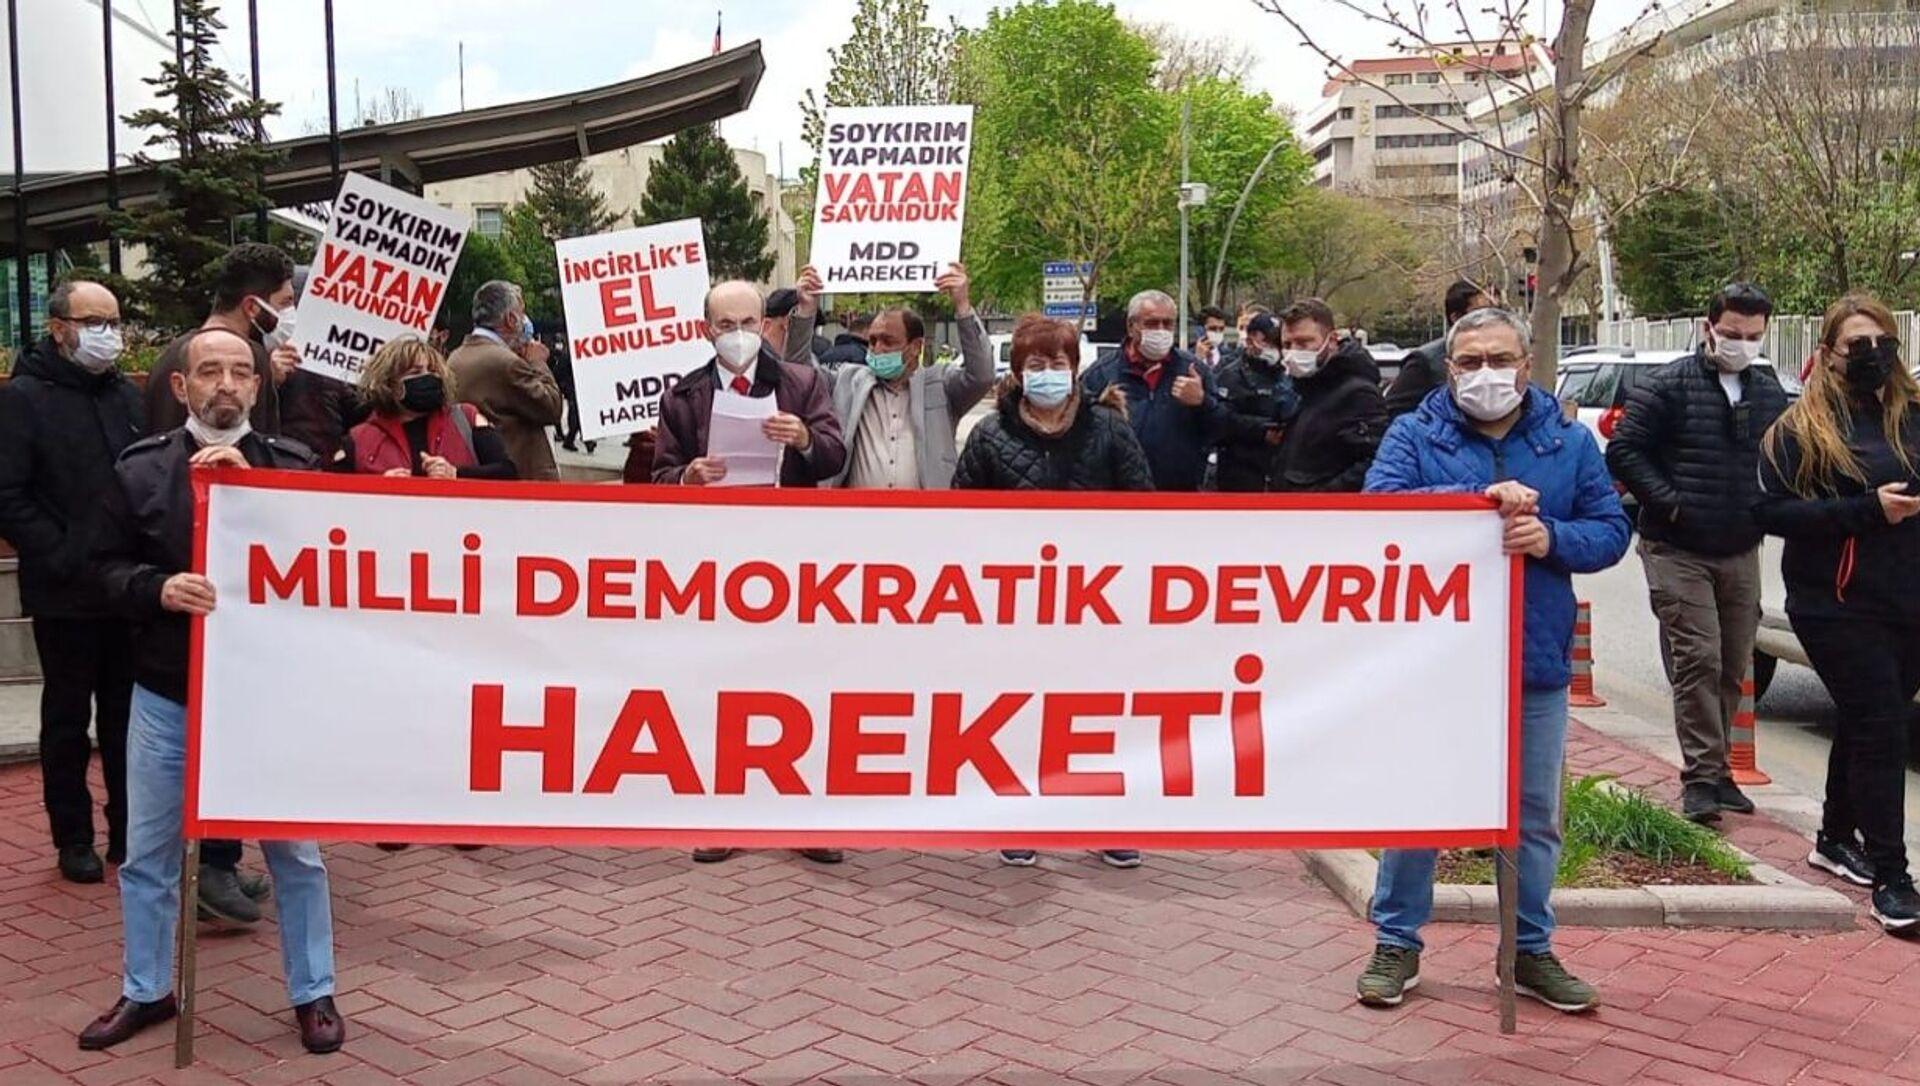 MDD Hareketi, Biden'ın 'soykırım' açıklamasını protesto etti - Sputnik Türkiye, 1920, 26.04.2021